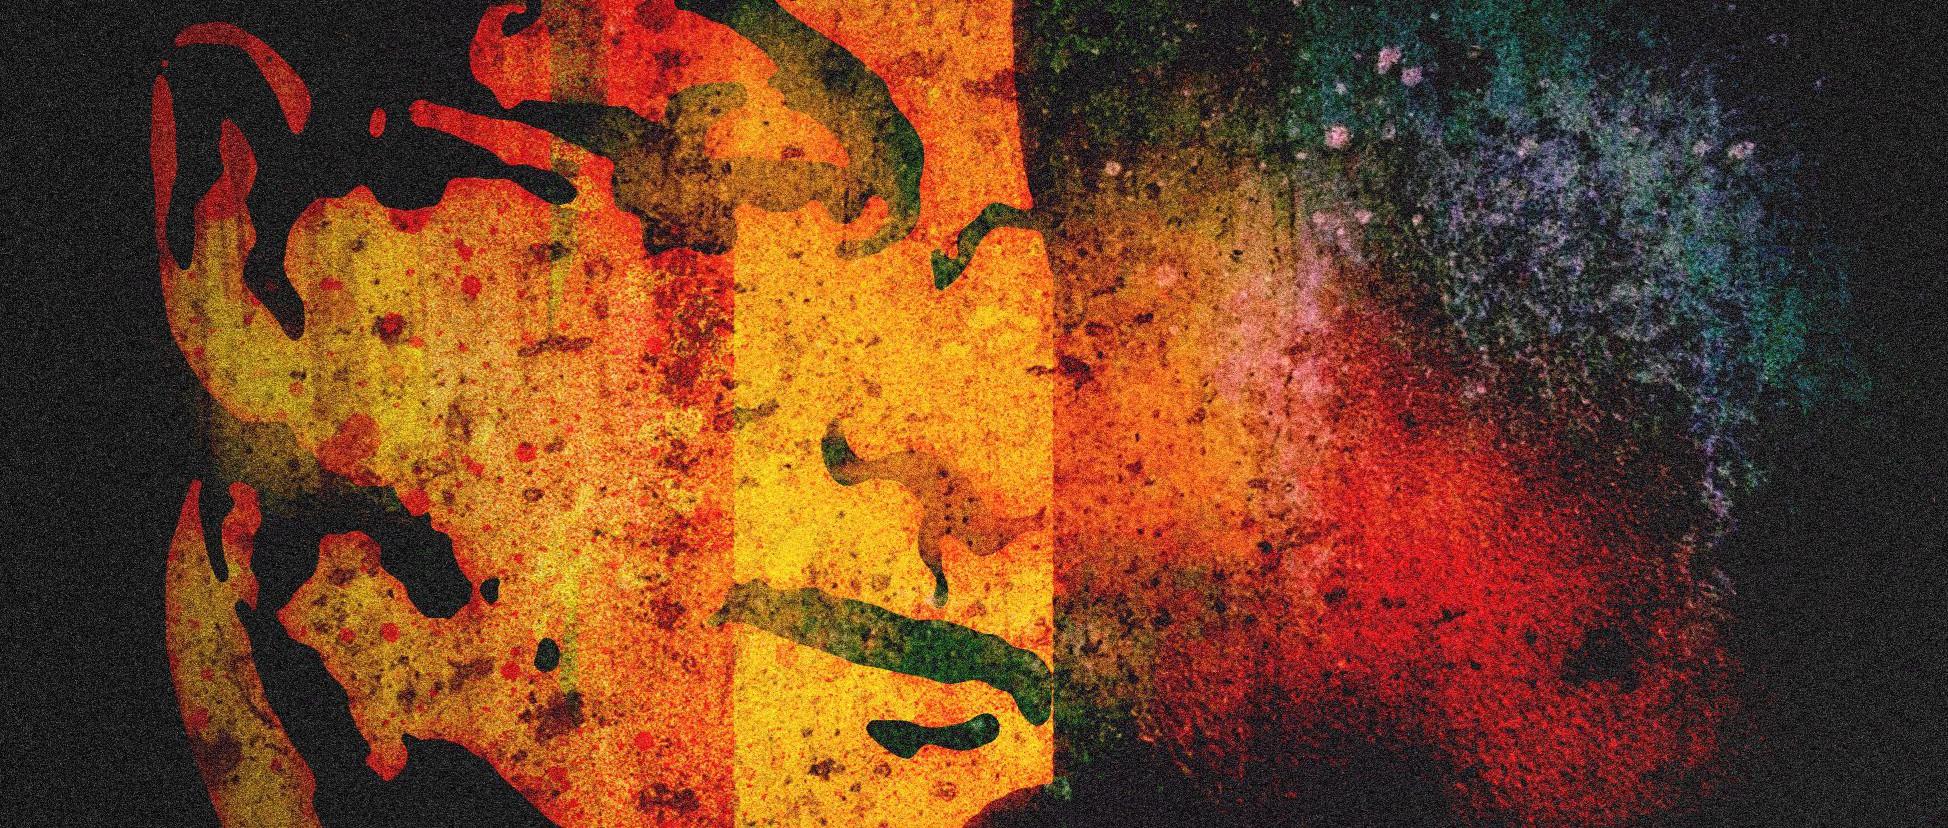 Rushdie Grafiti Mitternachtskinder